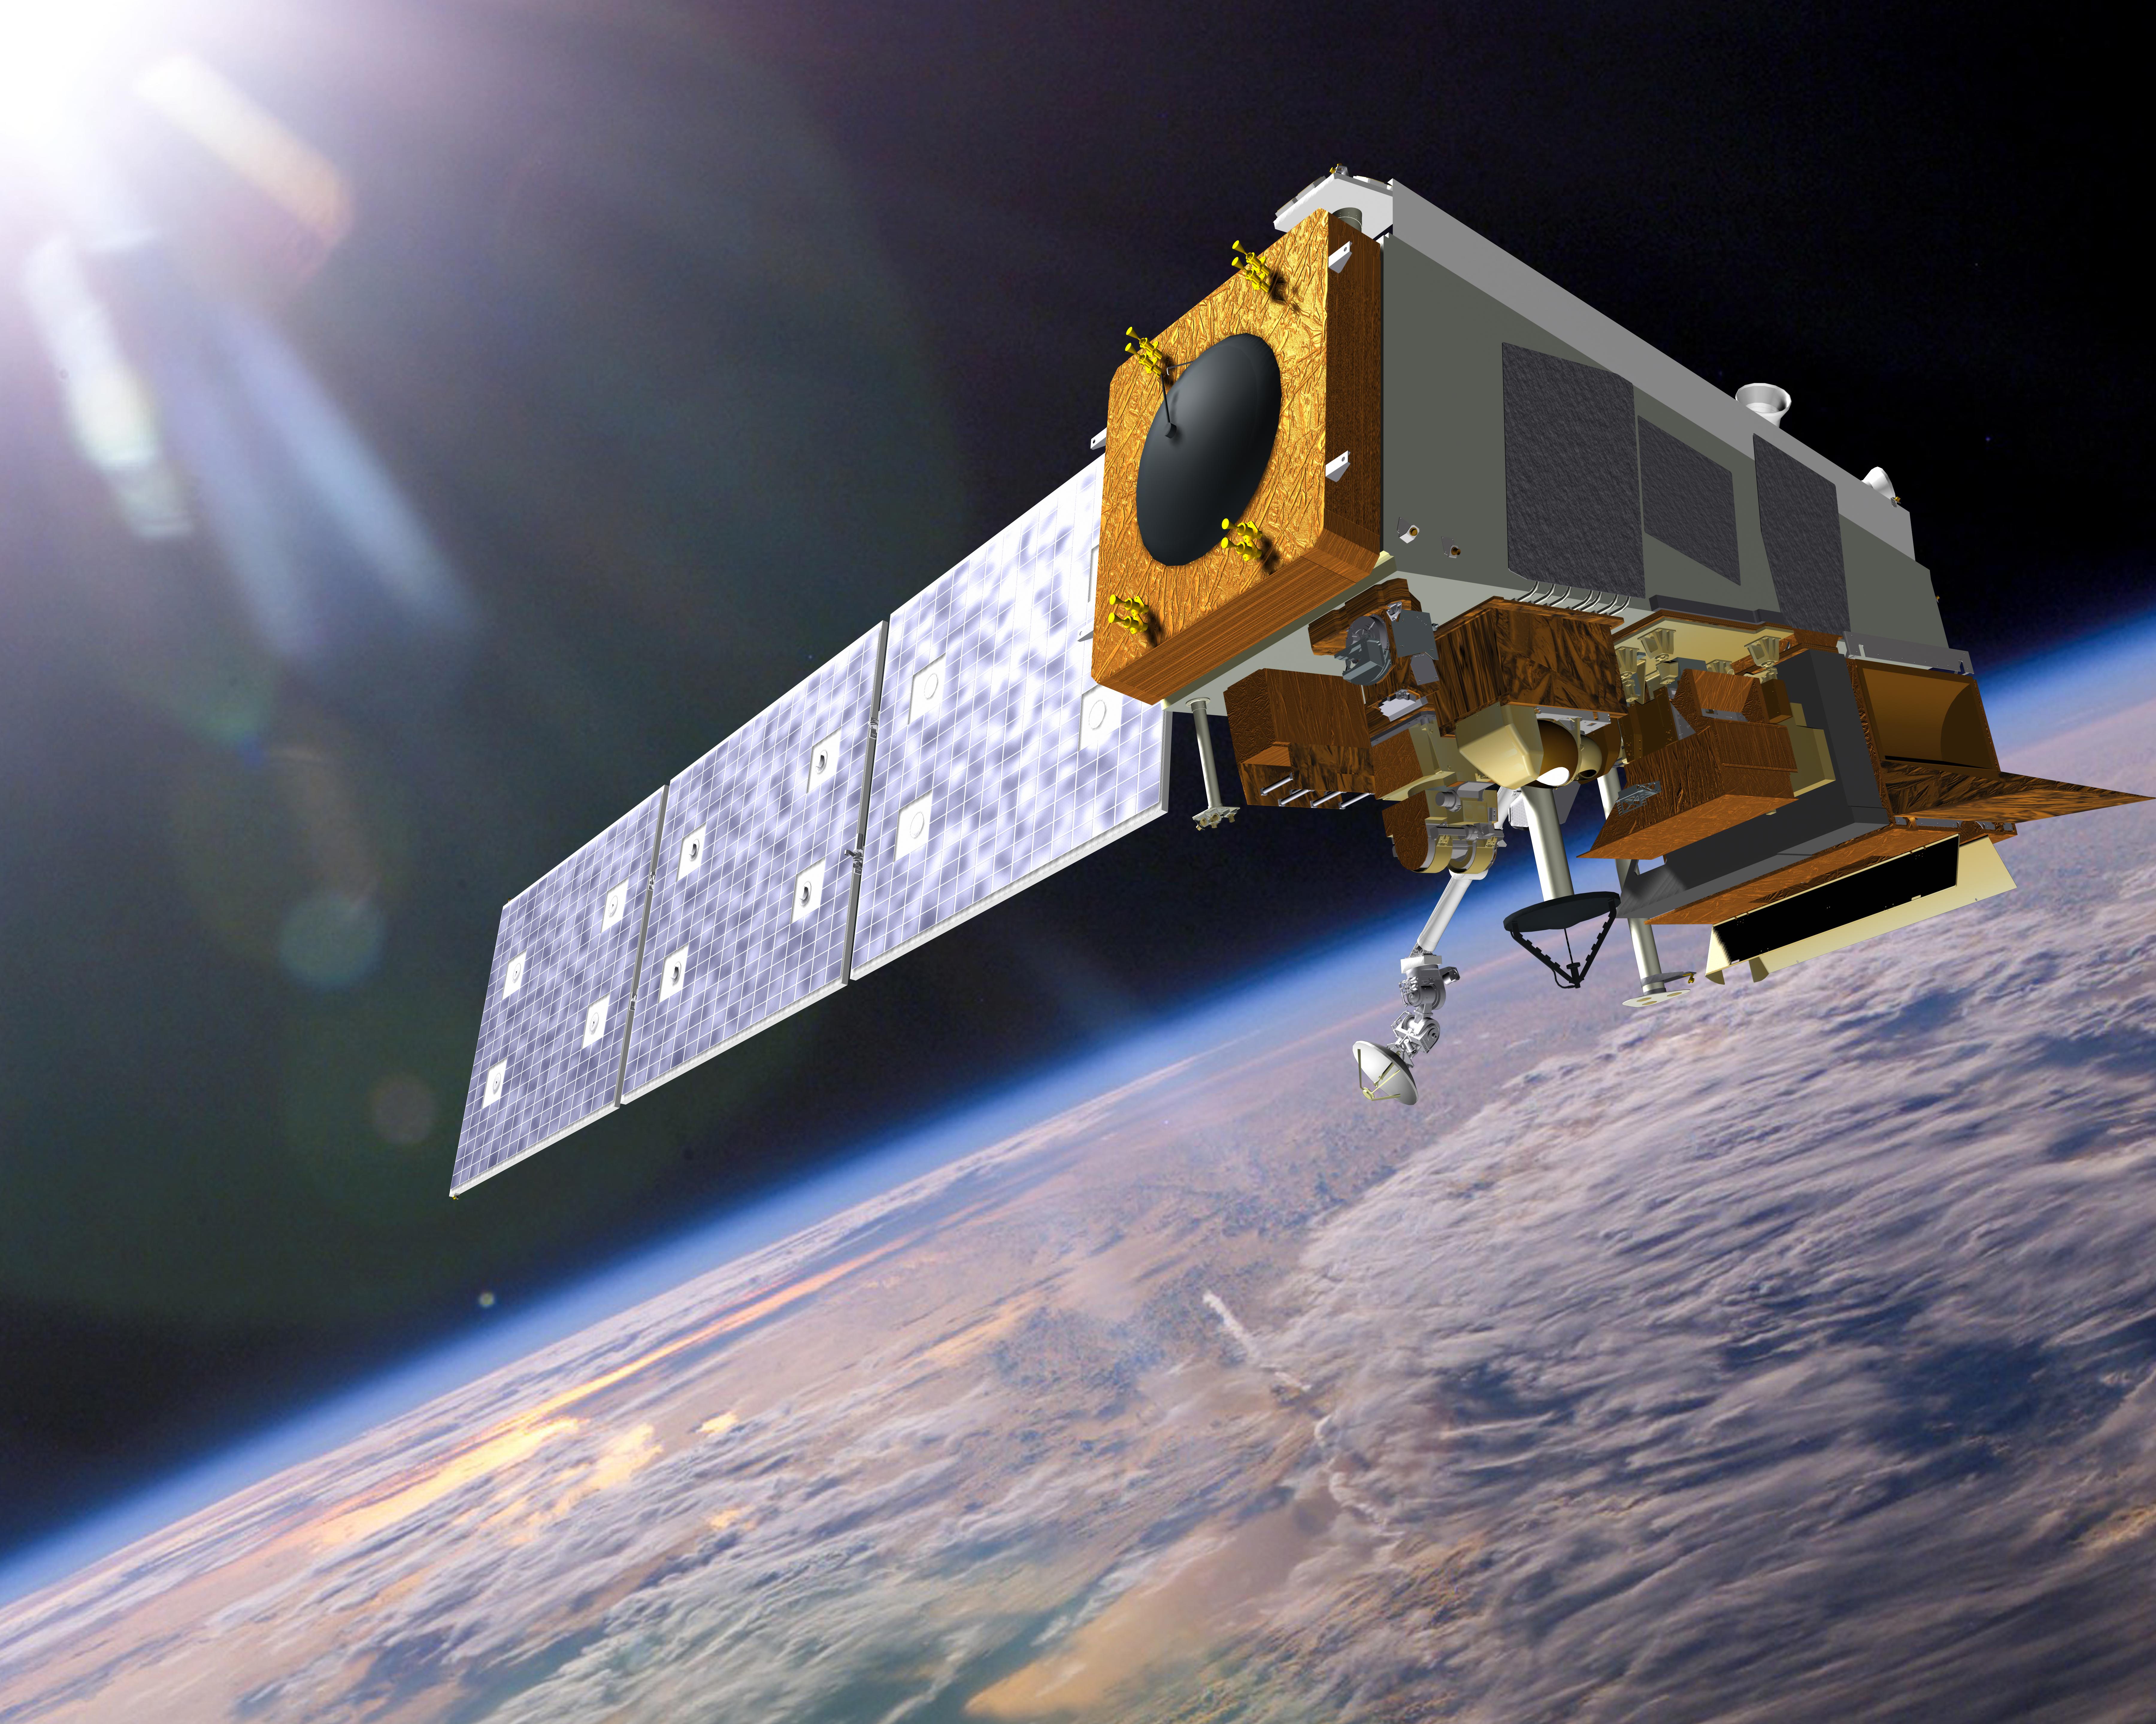 nasa satellite images - HD1600×1280